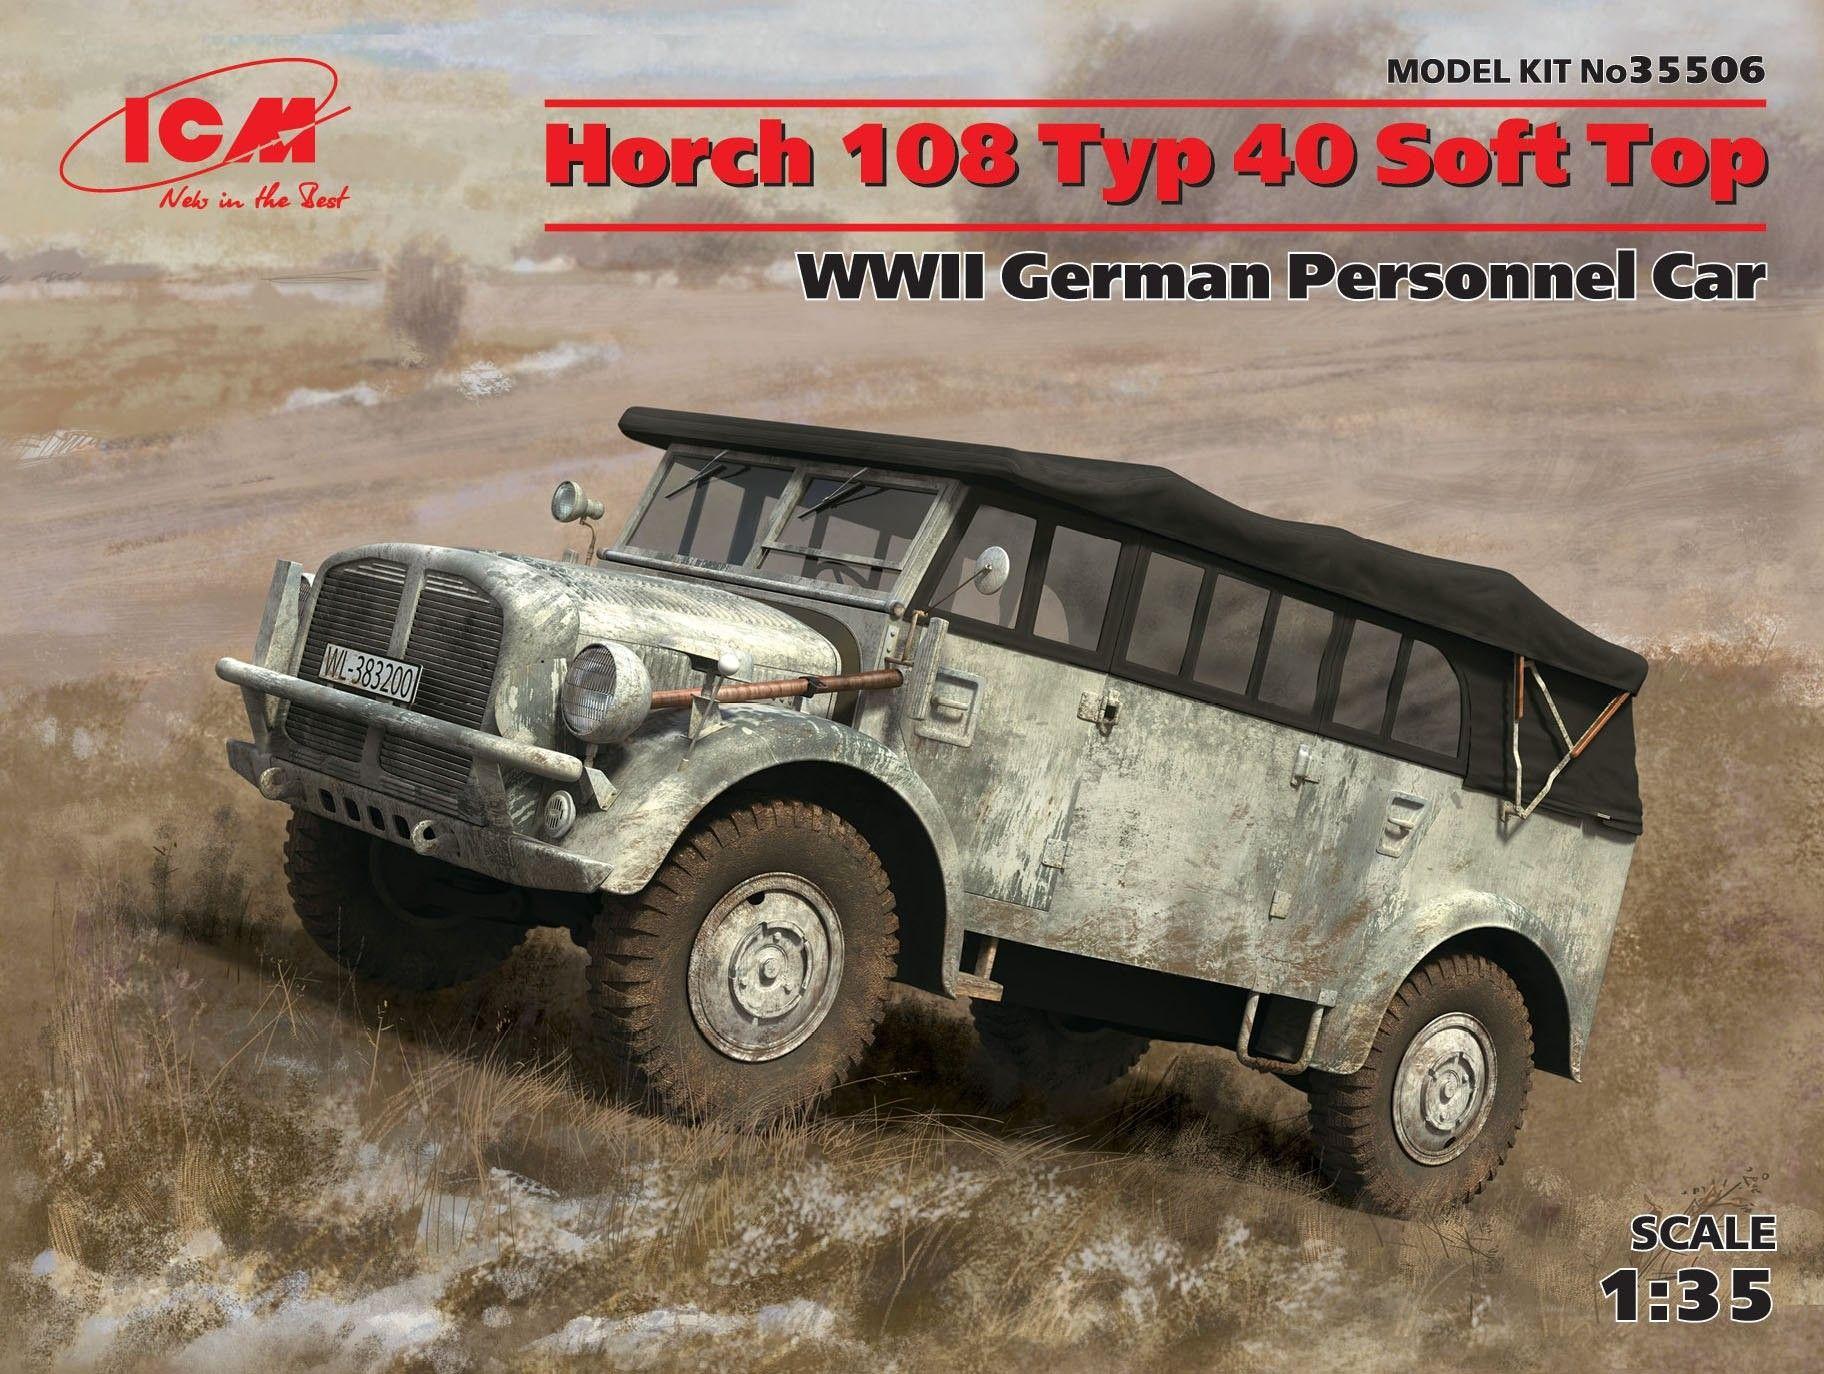 Военен сглобяем модел - Германски автомобил Хорх 108 Тип 40 (Horch 108 Typ 40) от Втората световна война - 1